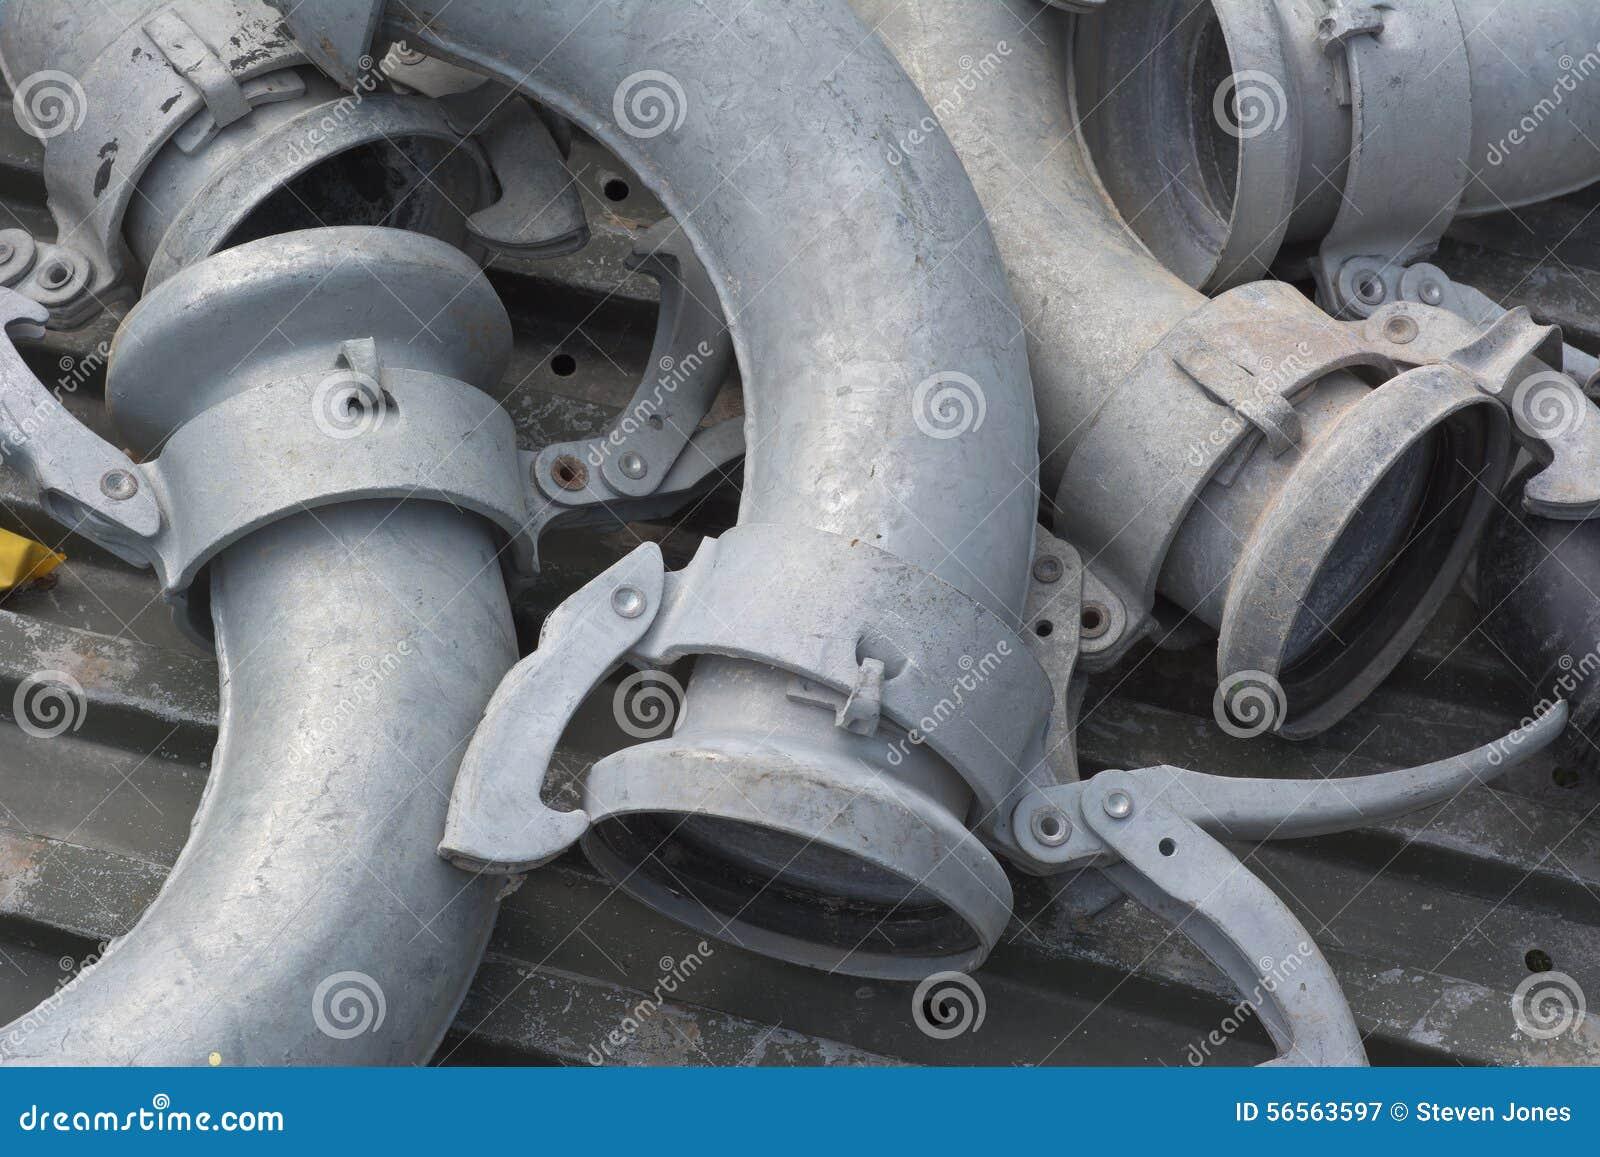 Download Σωλήνες μετάλλων άρδευσης με τις συνδέσεις Στοκ Εικόνα - εικόνα από μηχανή, περιβάλλον: 56563597